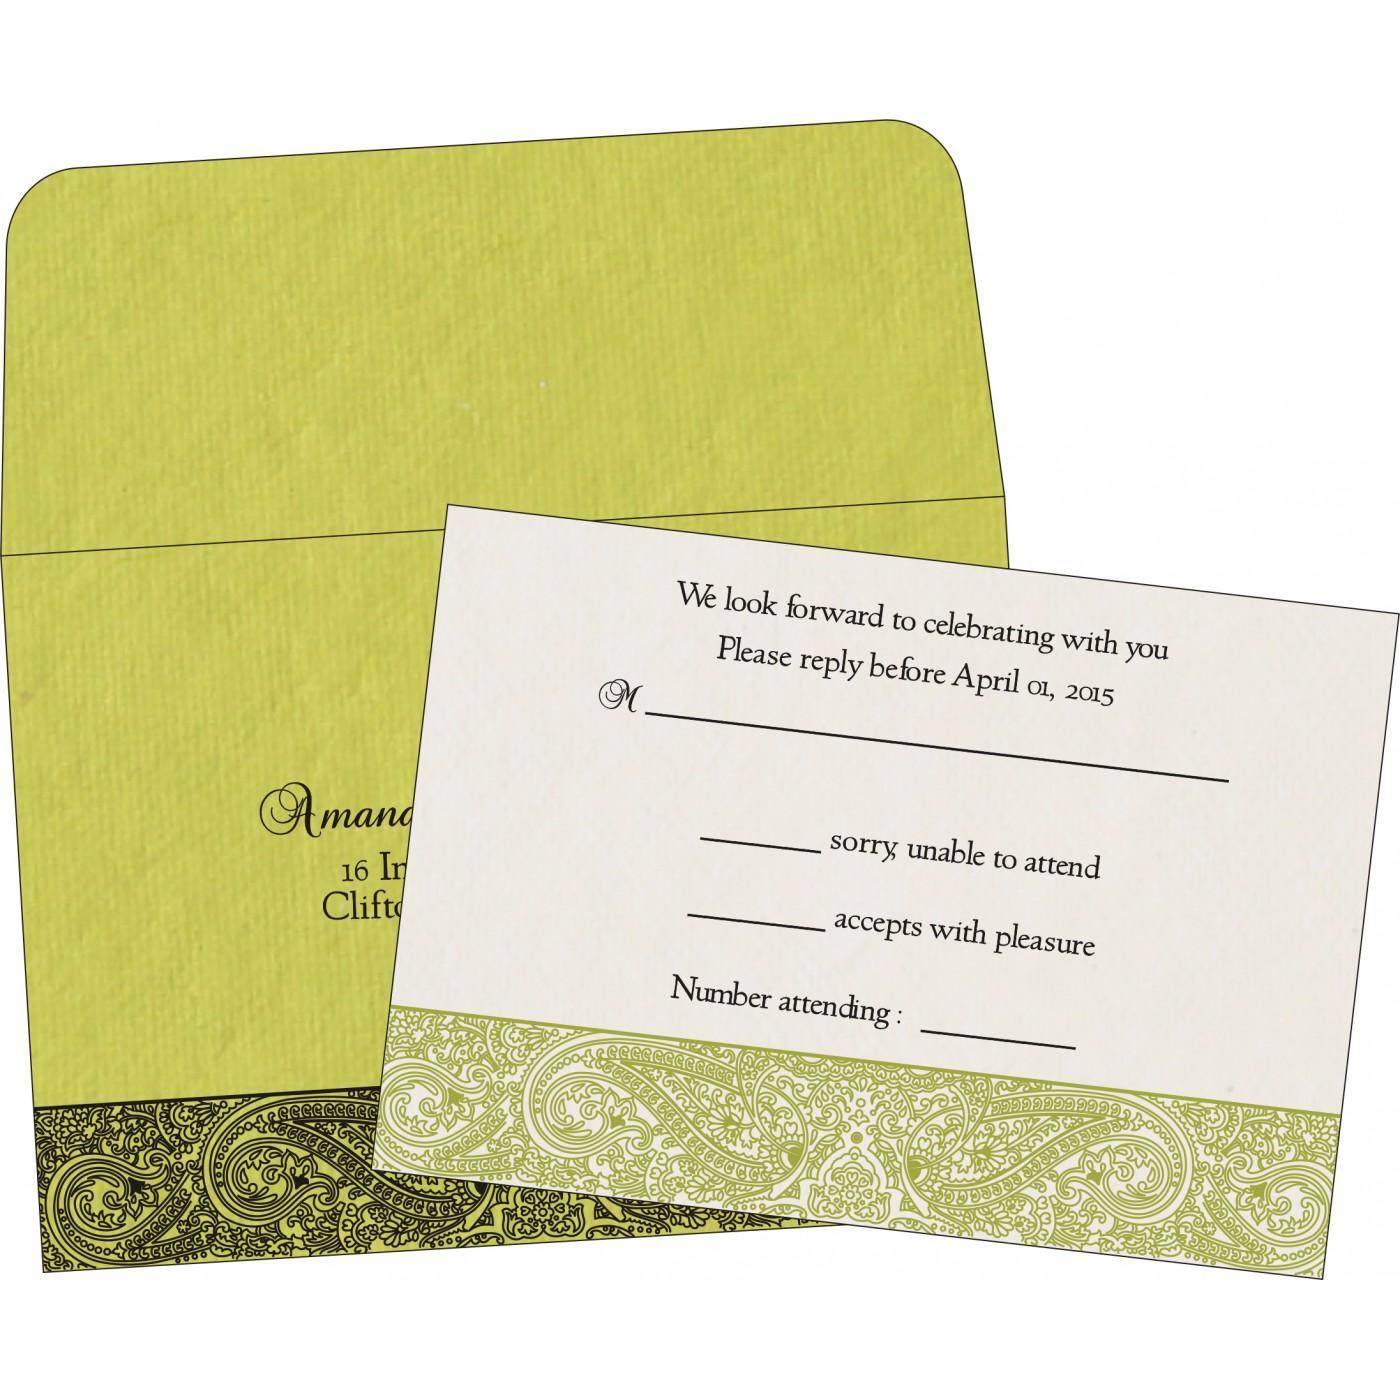 RSVP Cards : CRSVP 8234H